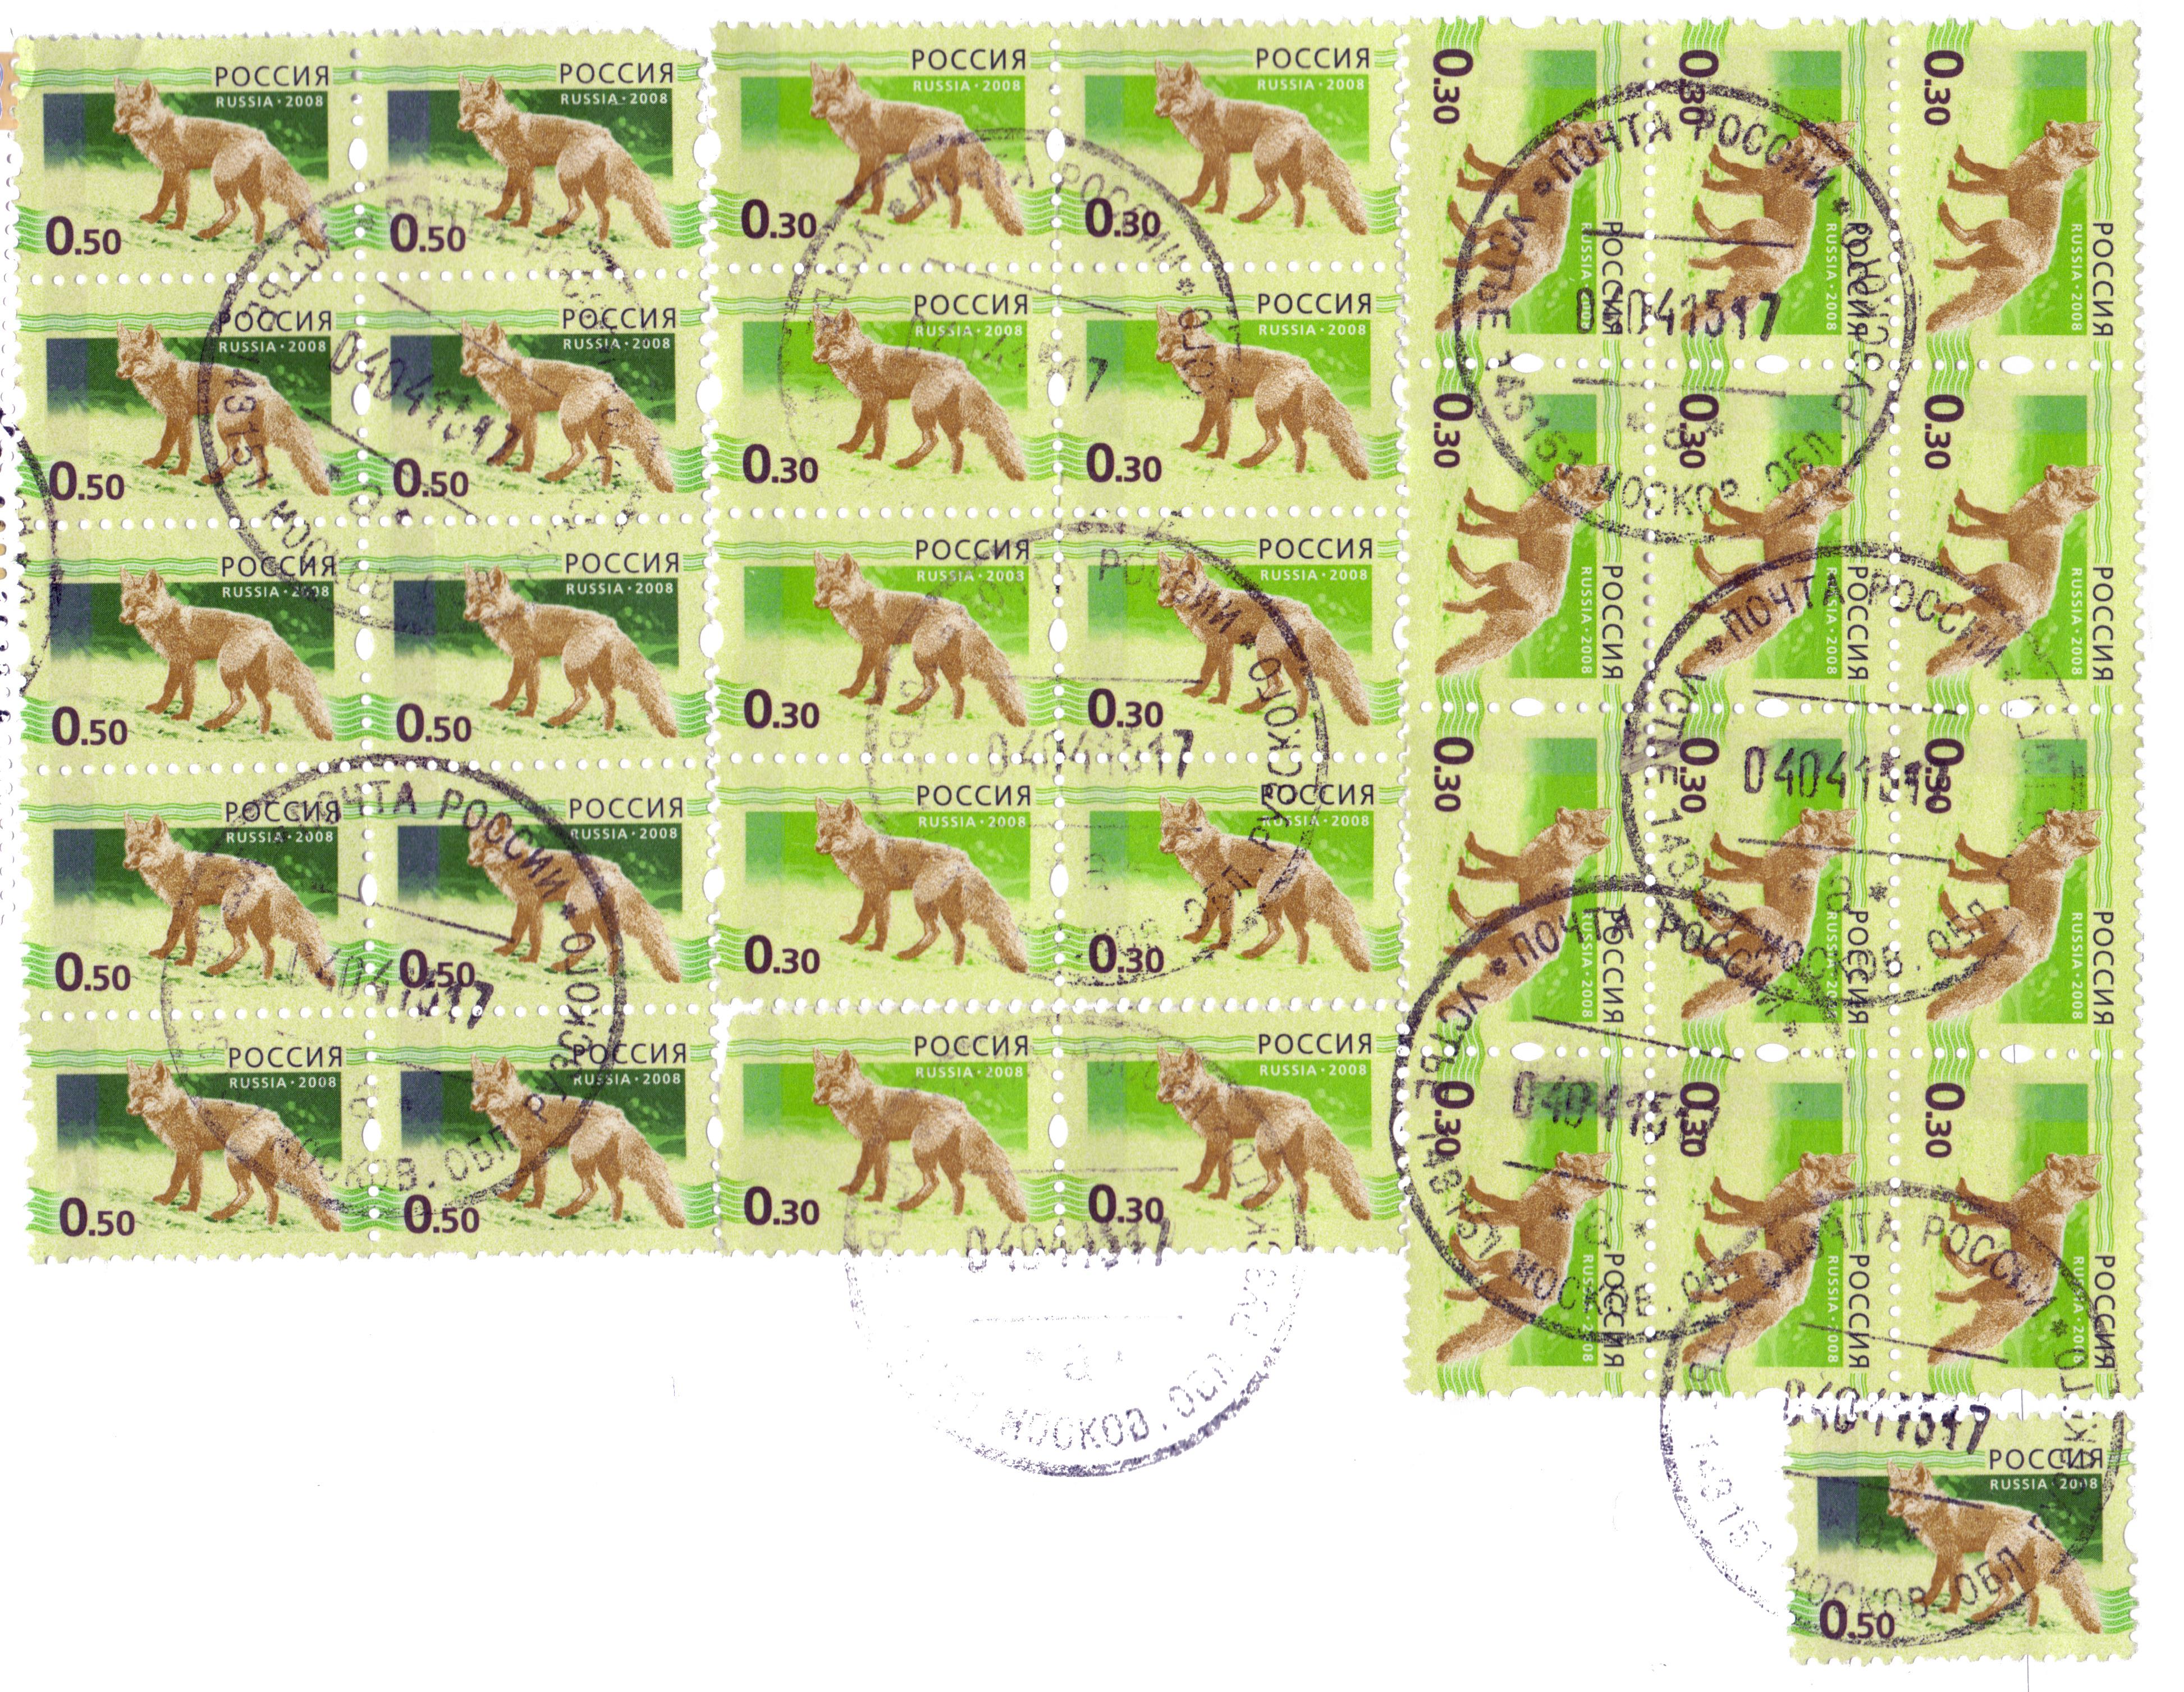 Почтовые марки по 50 и 30 копеек проштампованные почтой России - скан с высоким разрешением